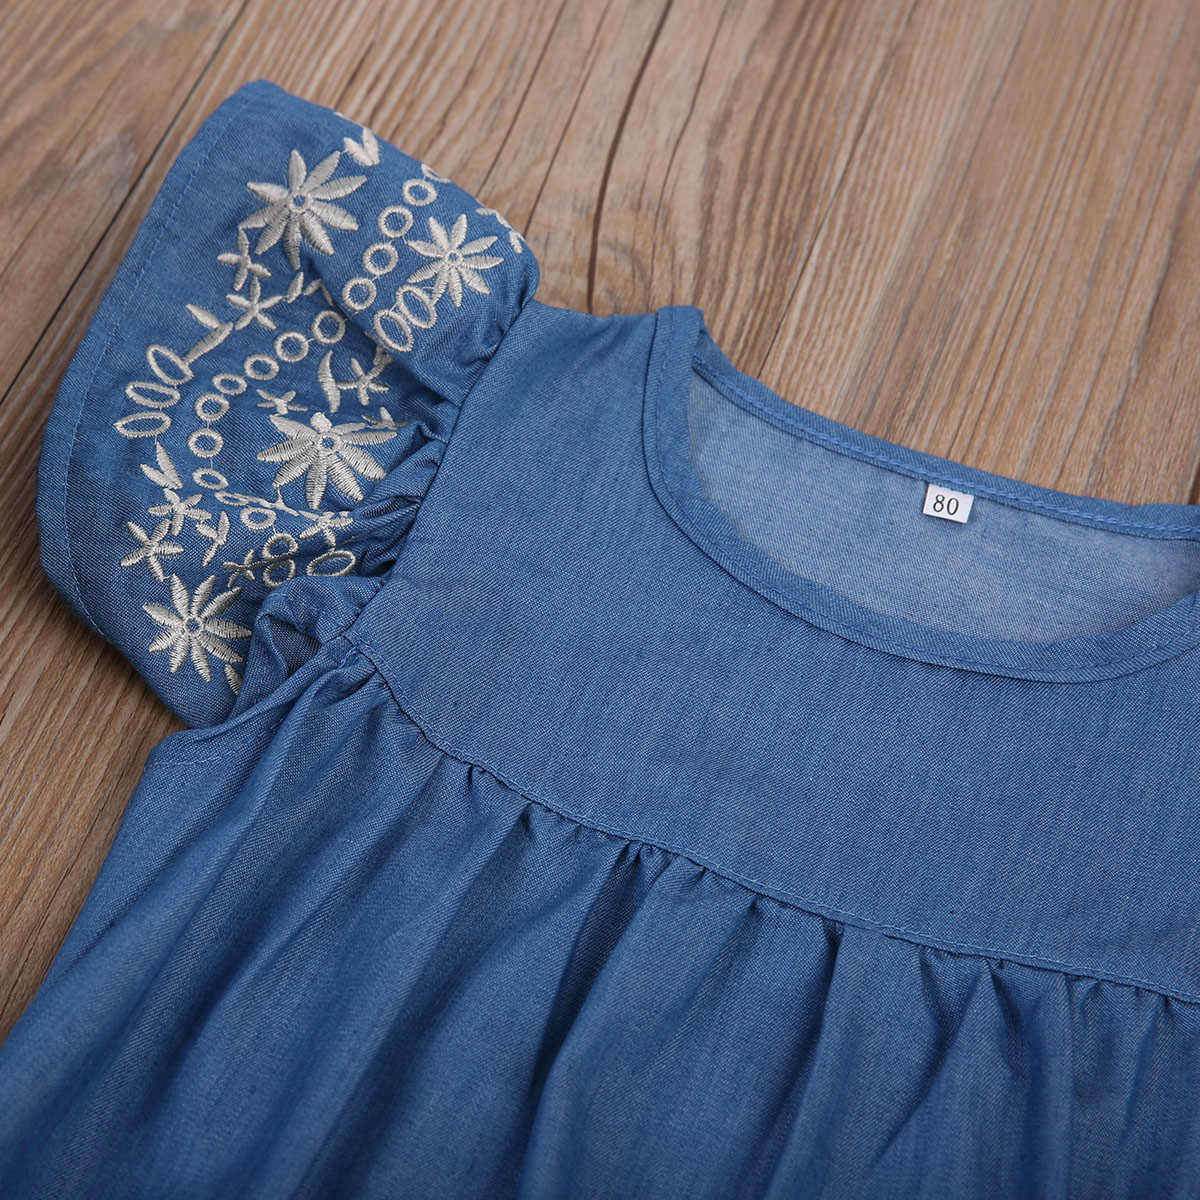 Yaz Bebek Bebek Kız Giysileri Denim Bodysutis Yürüyor Çocuk Tulum Sunsuit Kıyafet Seti Giyim